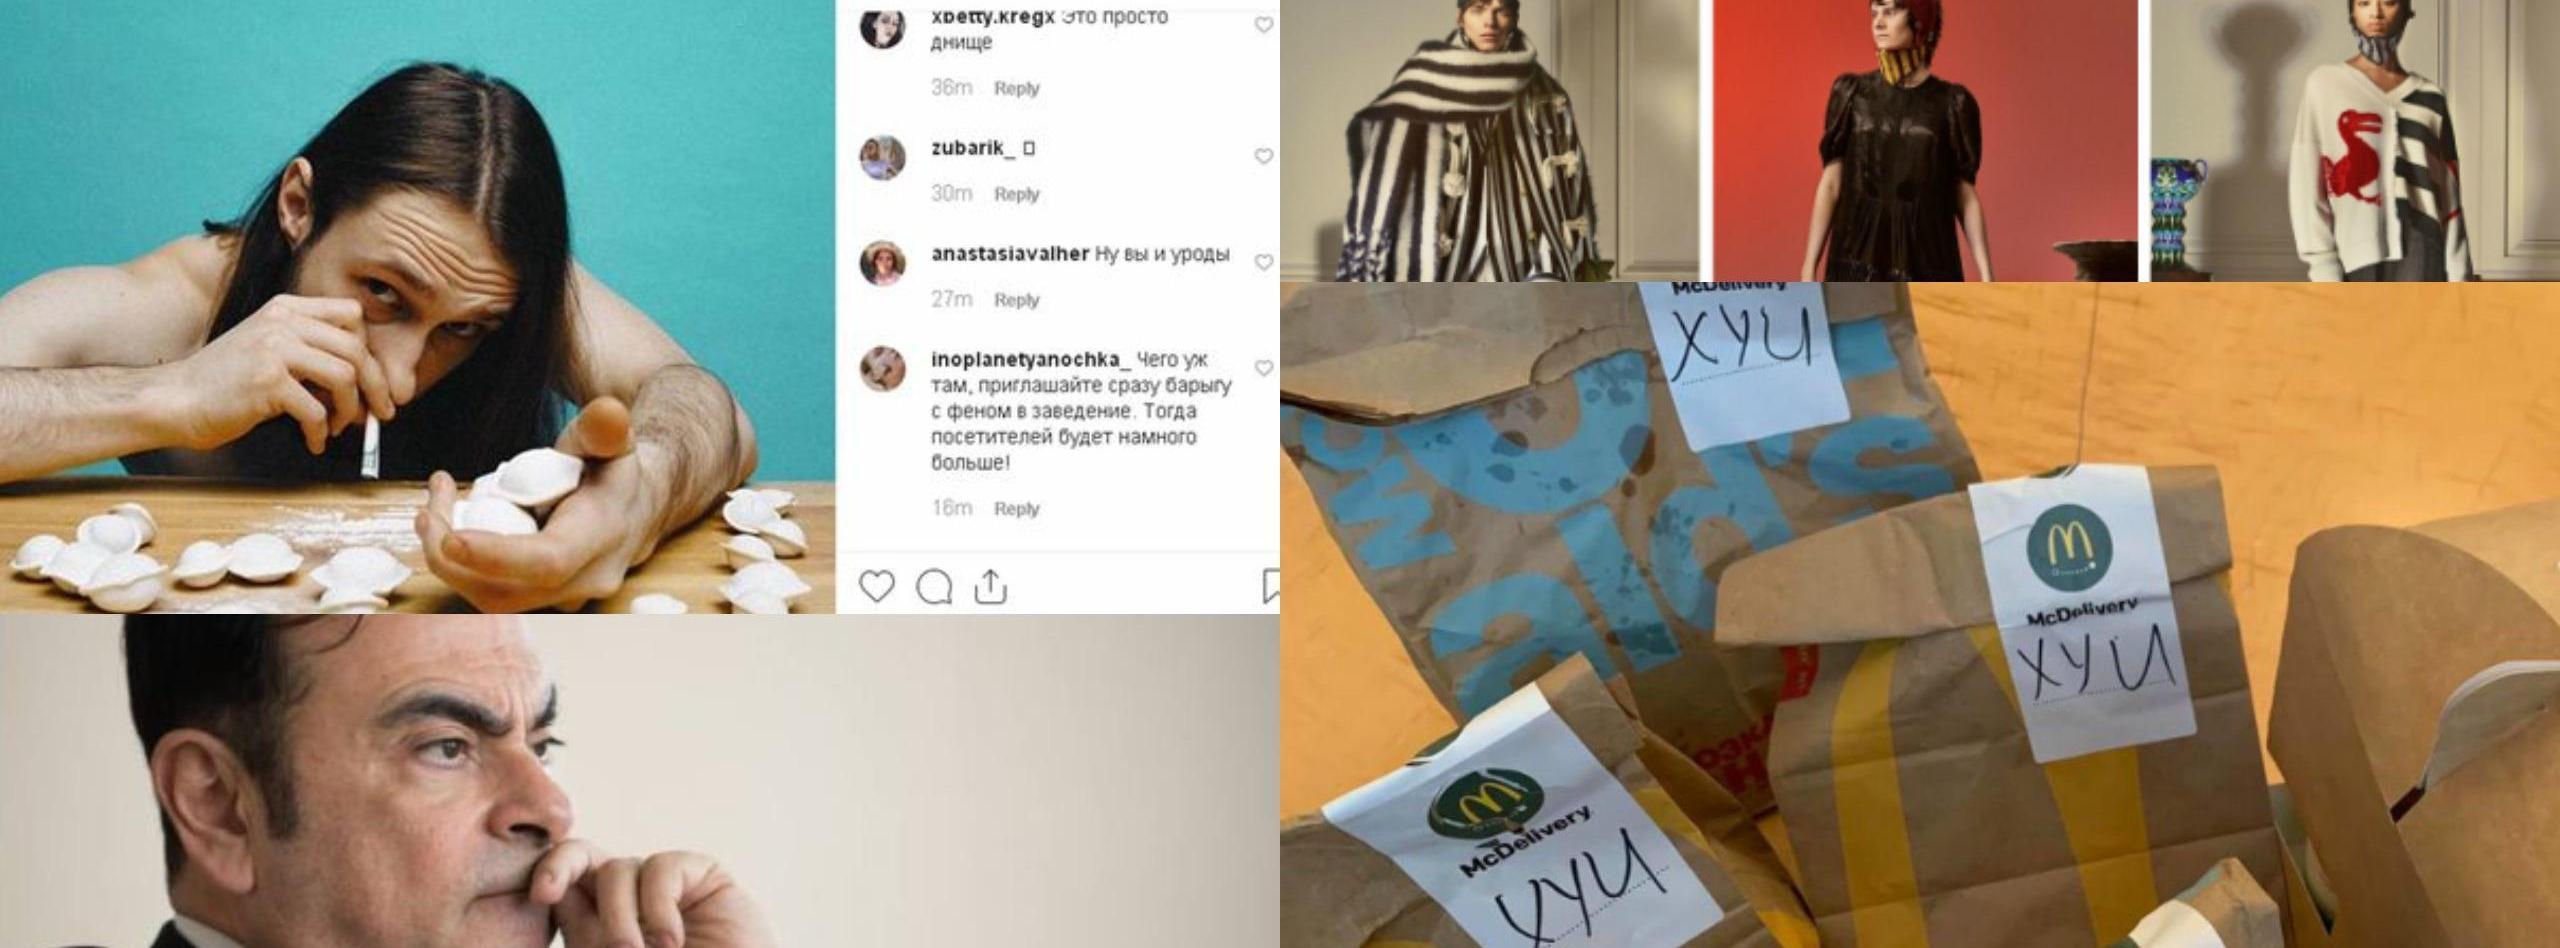 Пельменный сексизм, luxury роба и XYU: cамые крупные коммуникационные скандалы 2019